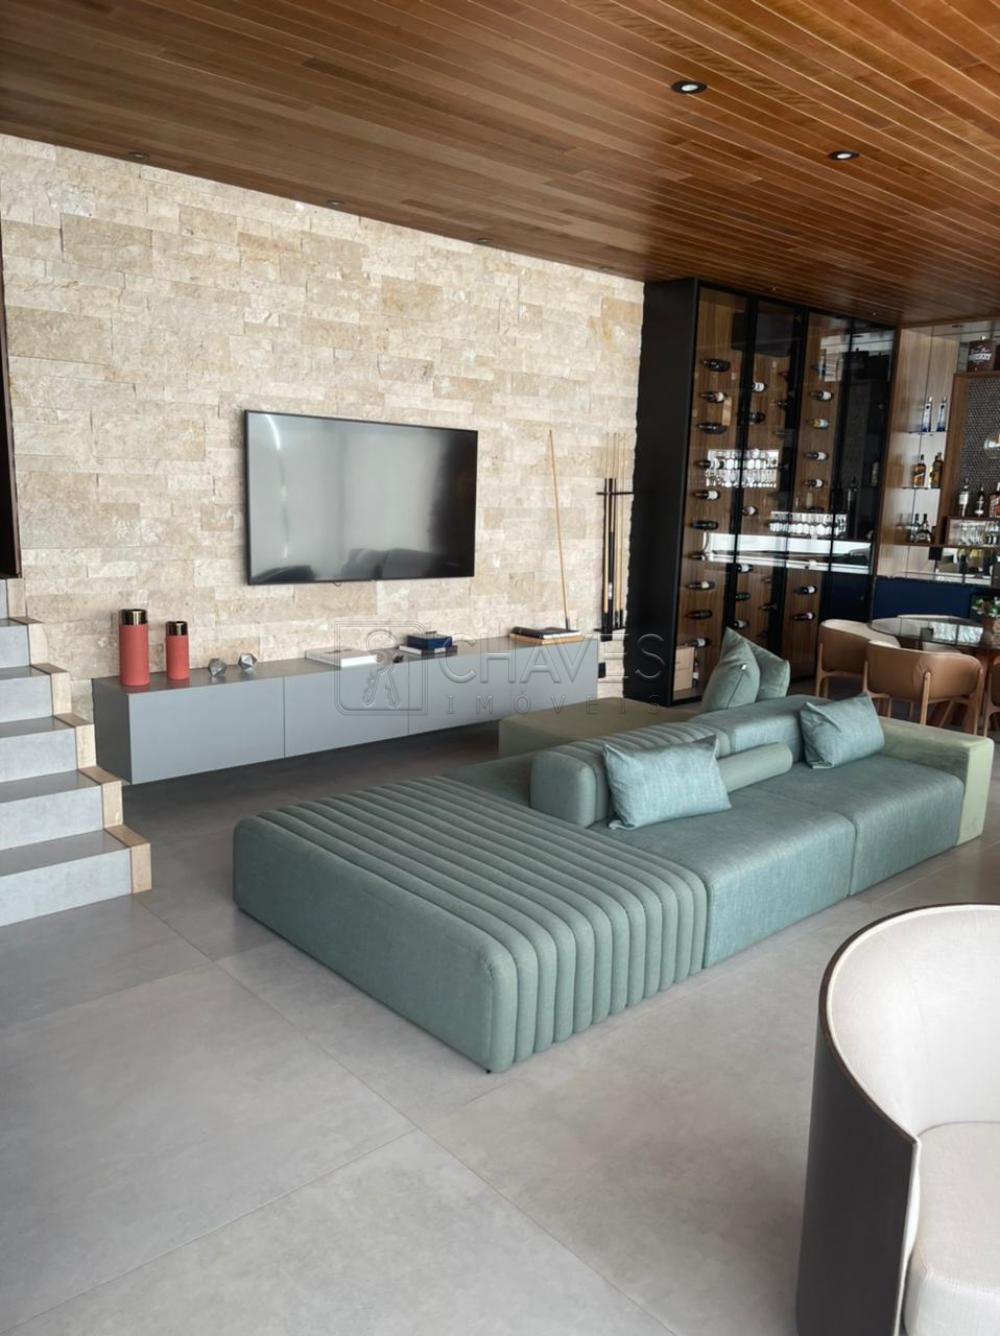 Comprar Casa / Condomínio em Ribeirão Preto R$ 3.700.000,00 - Foto 8